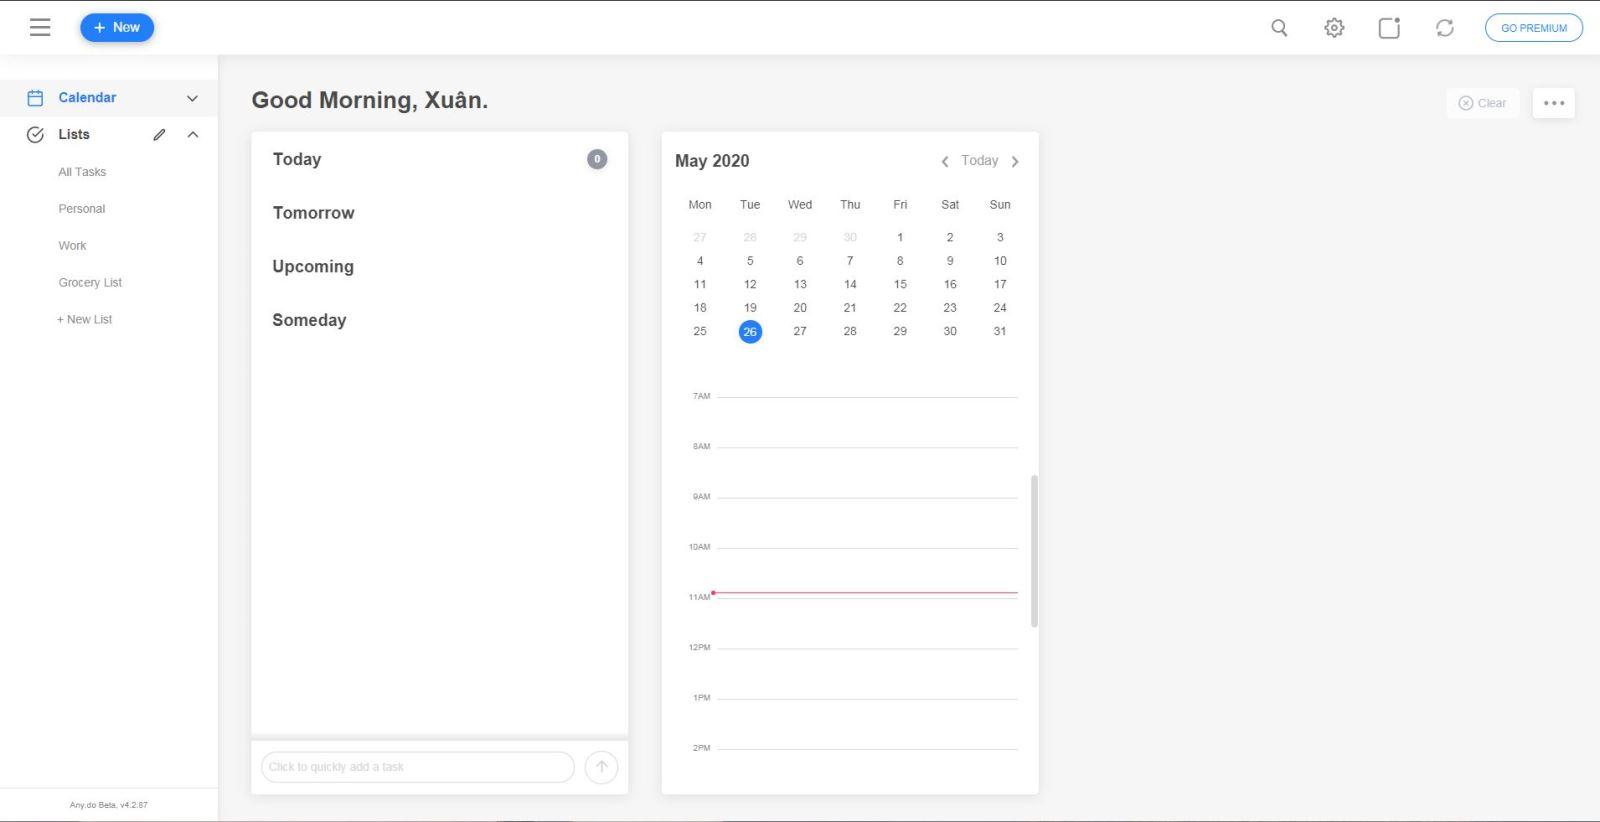 giao diện chính của công cụ quản lý công việc